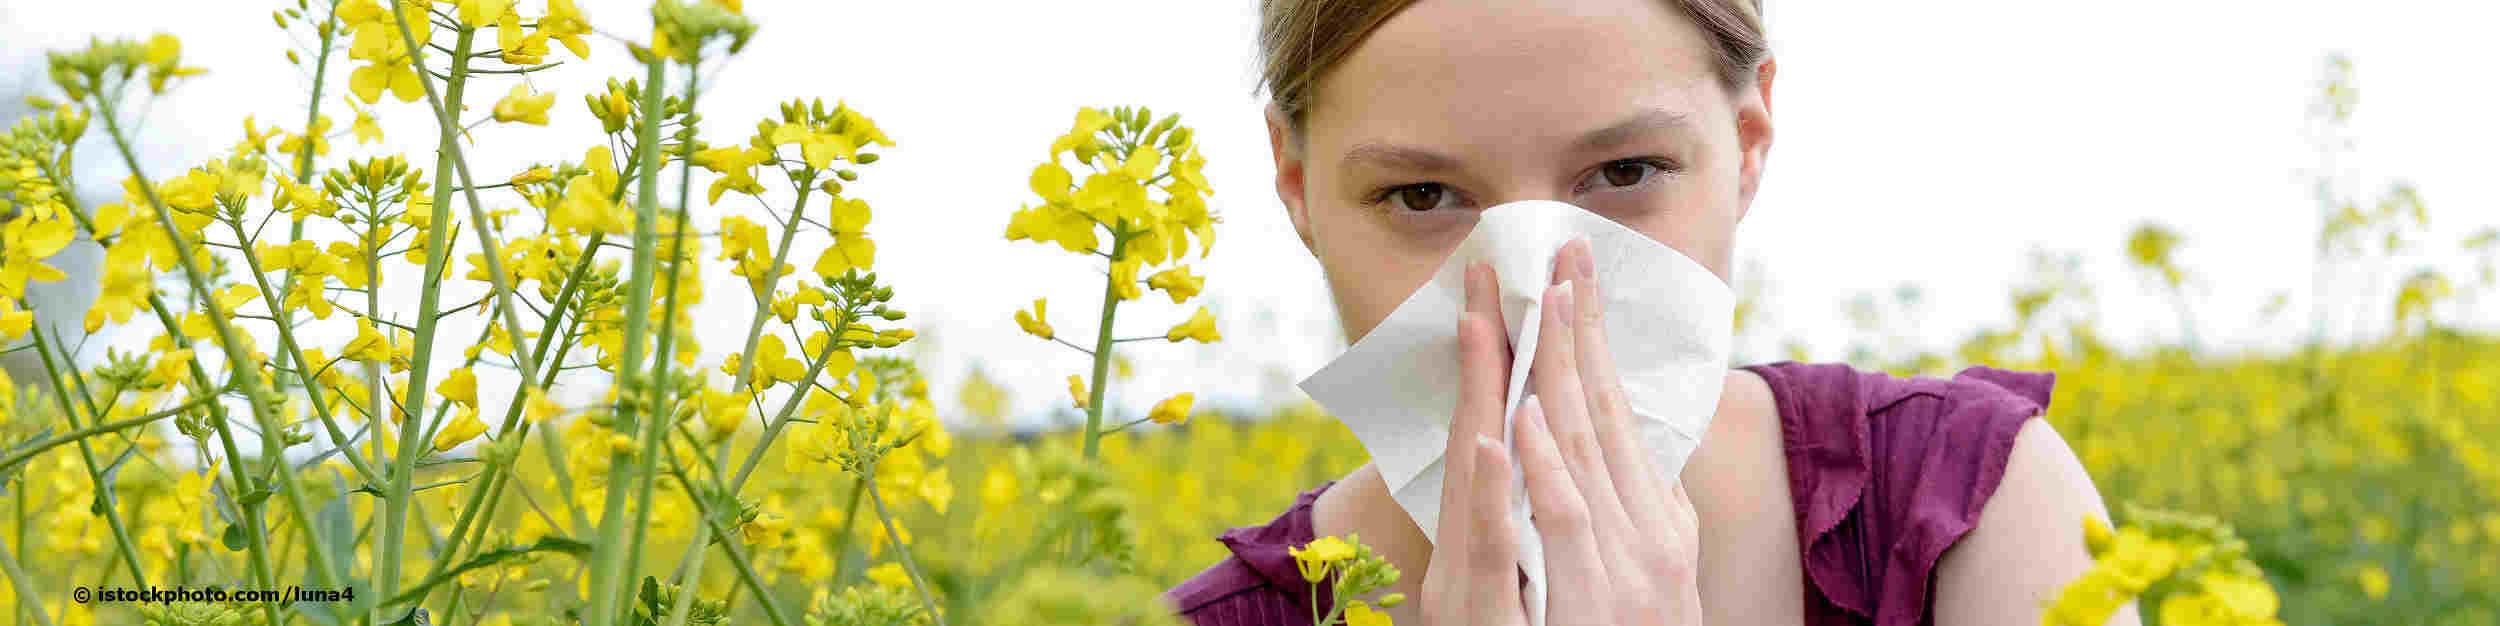 Mädchen im Rapsfeld leidet wegen Heuschnupfen unter tränenden Augen und laufender Nase.